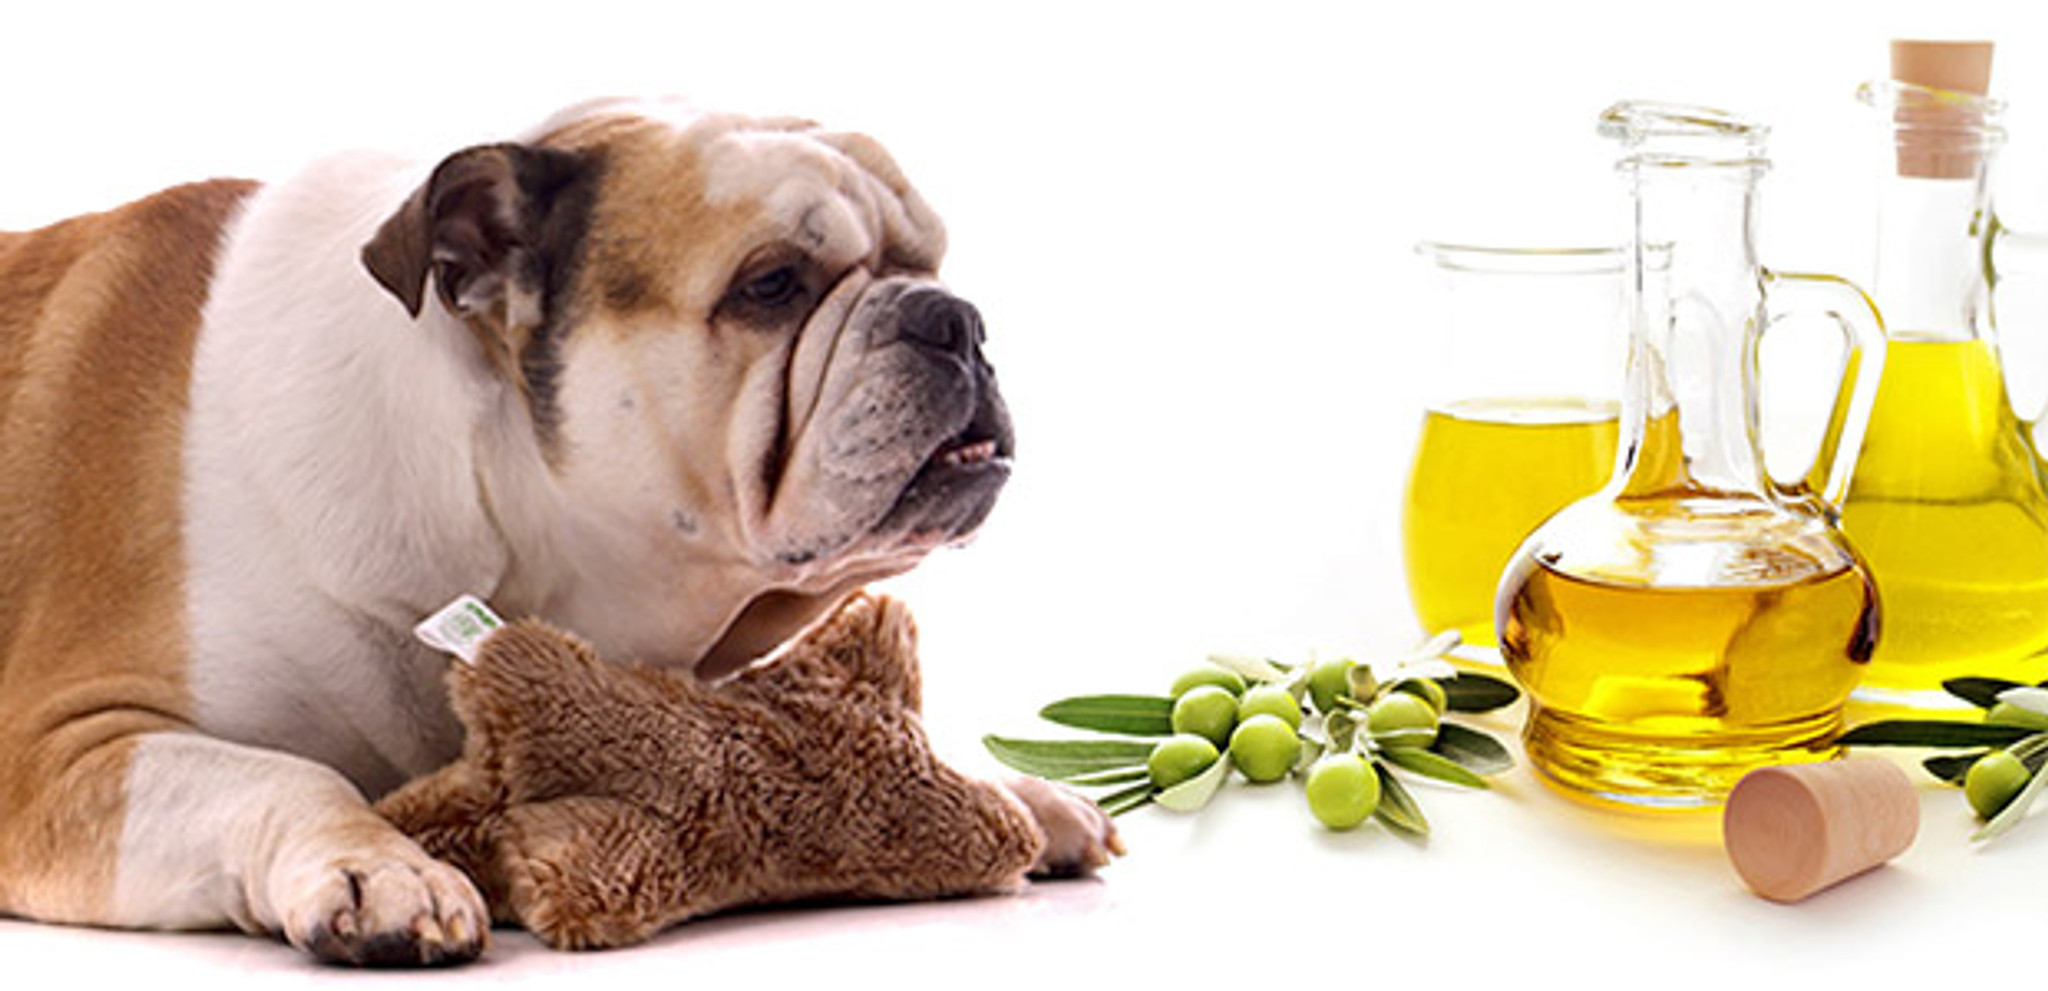 Neem Oil: Part II - Is it safe for my pet?